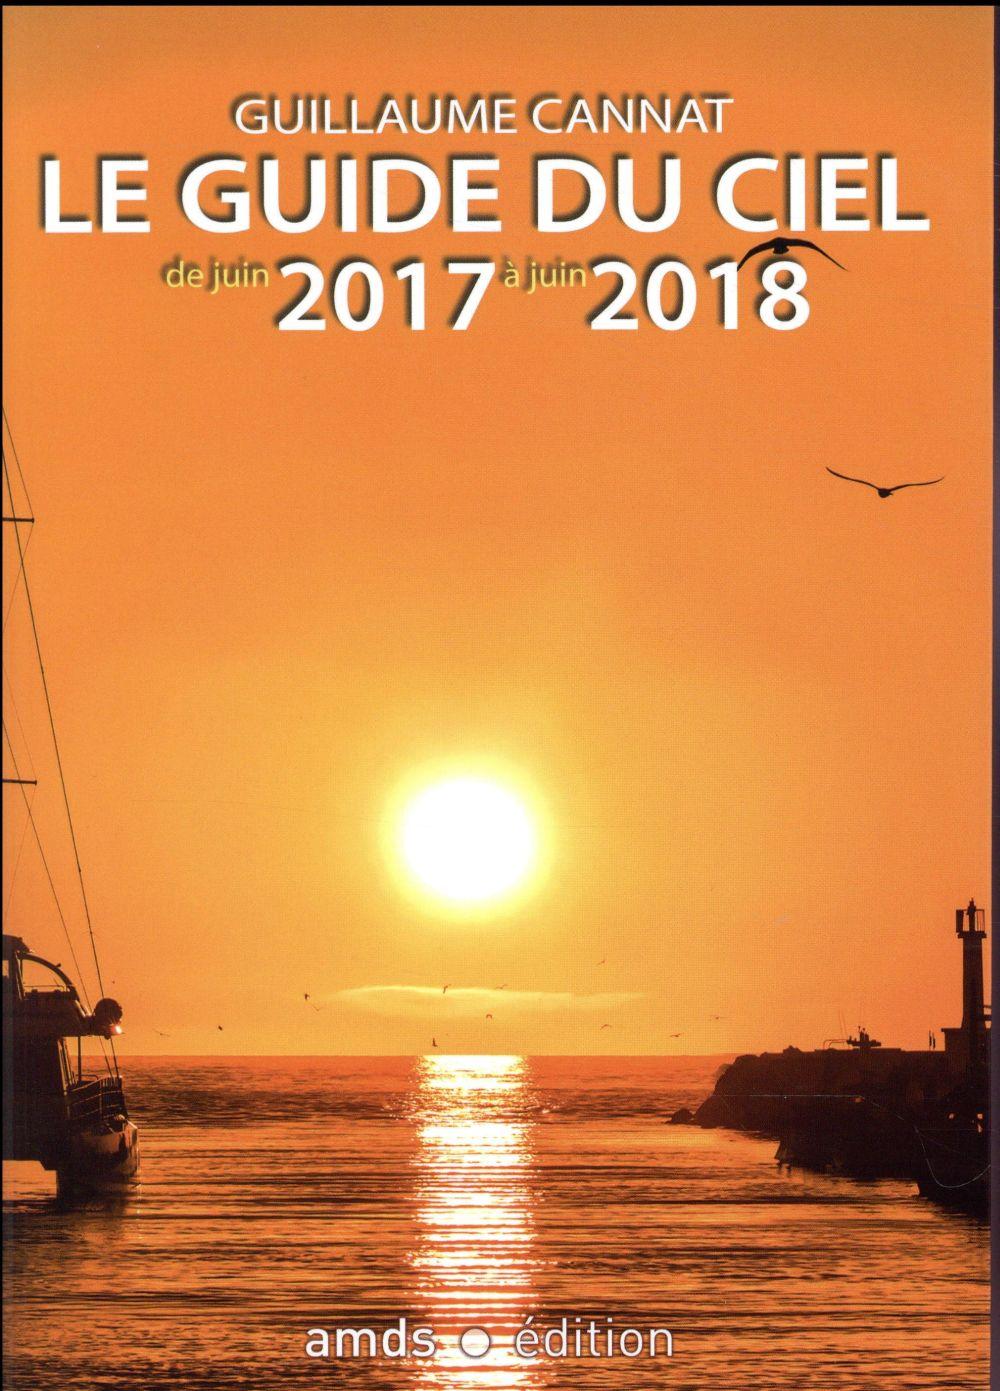 LE GUIDE DU CIEL 2017-2018